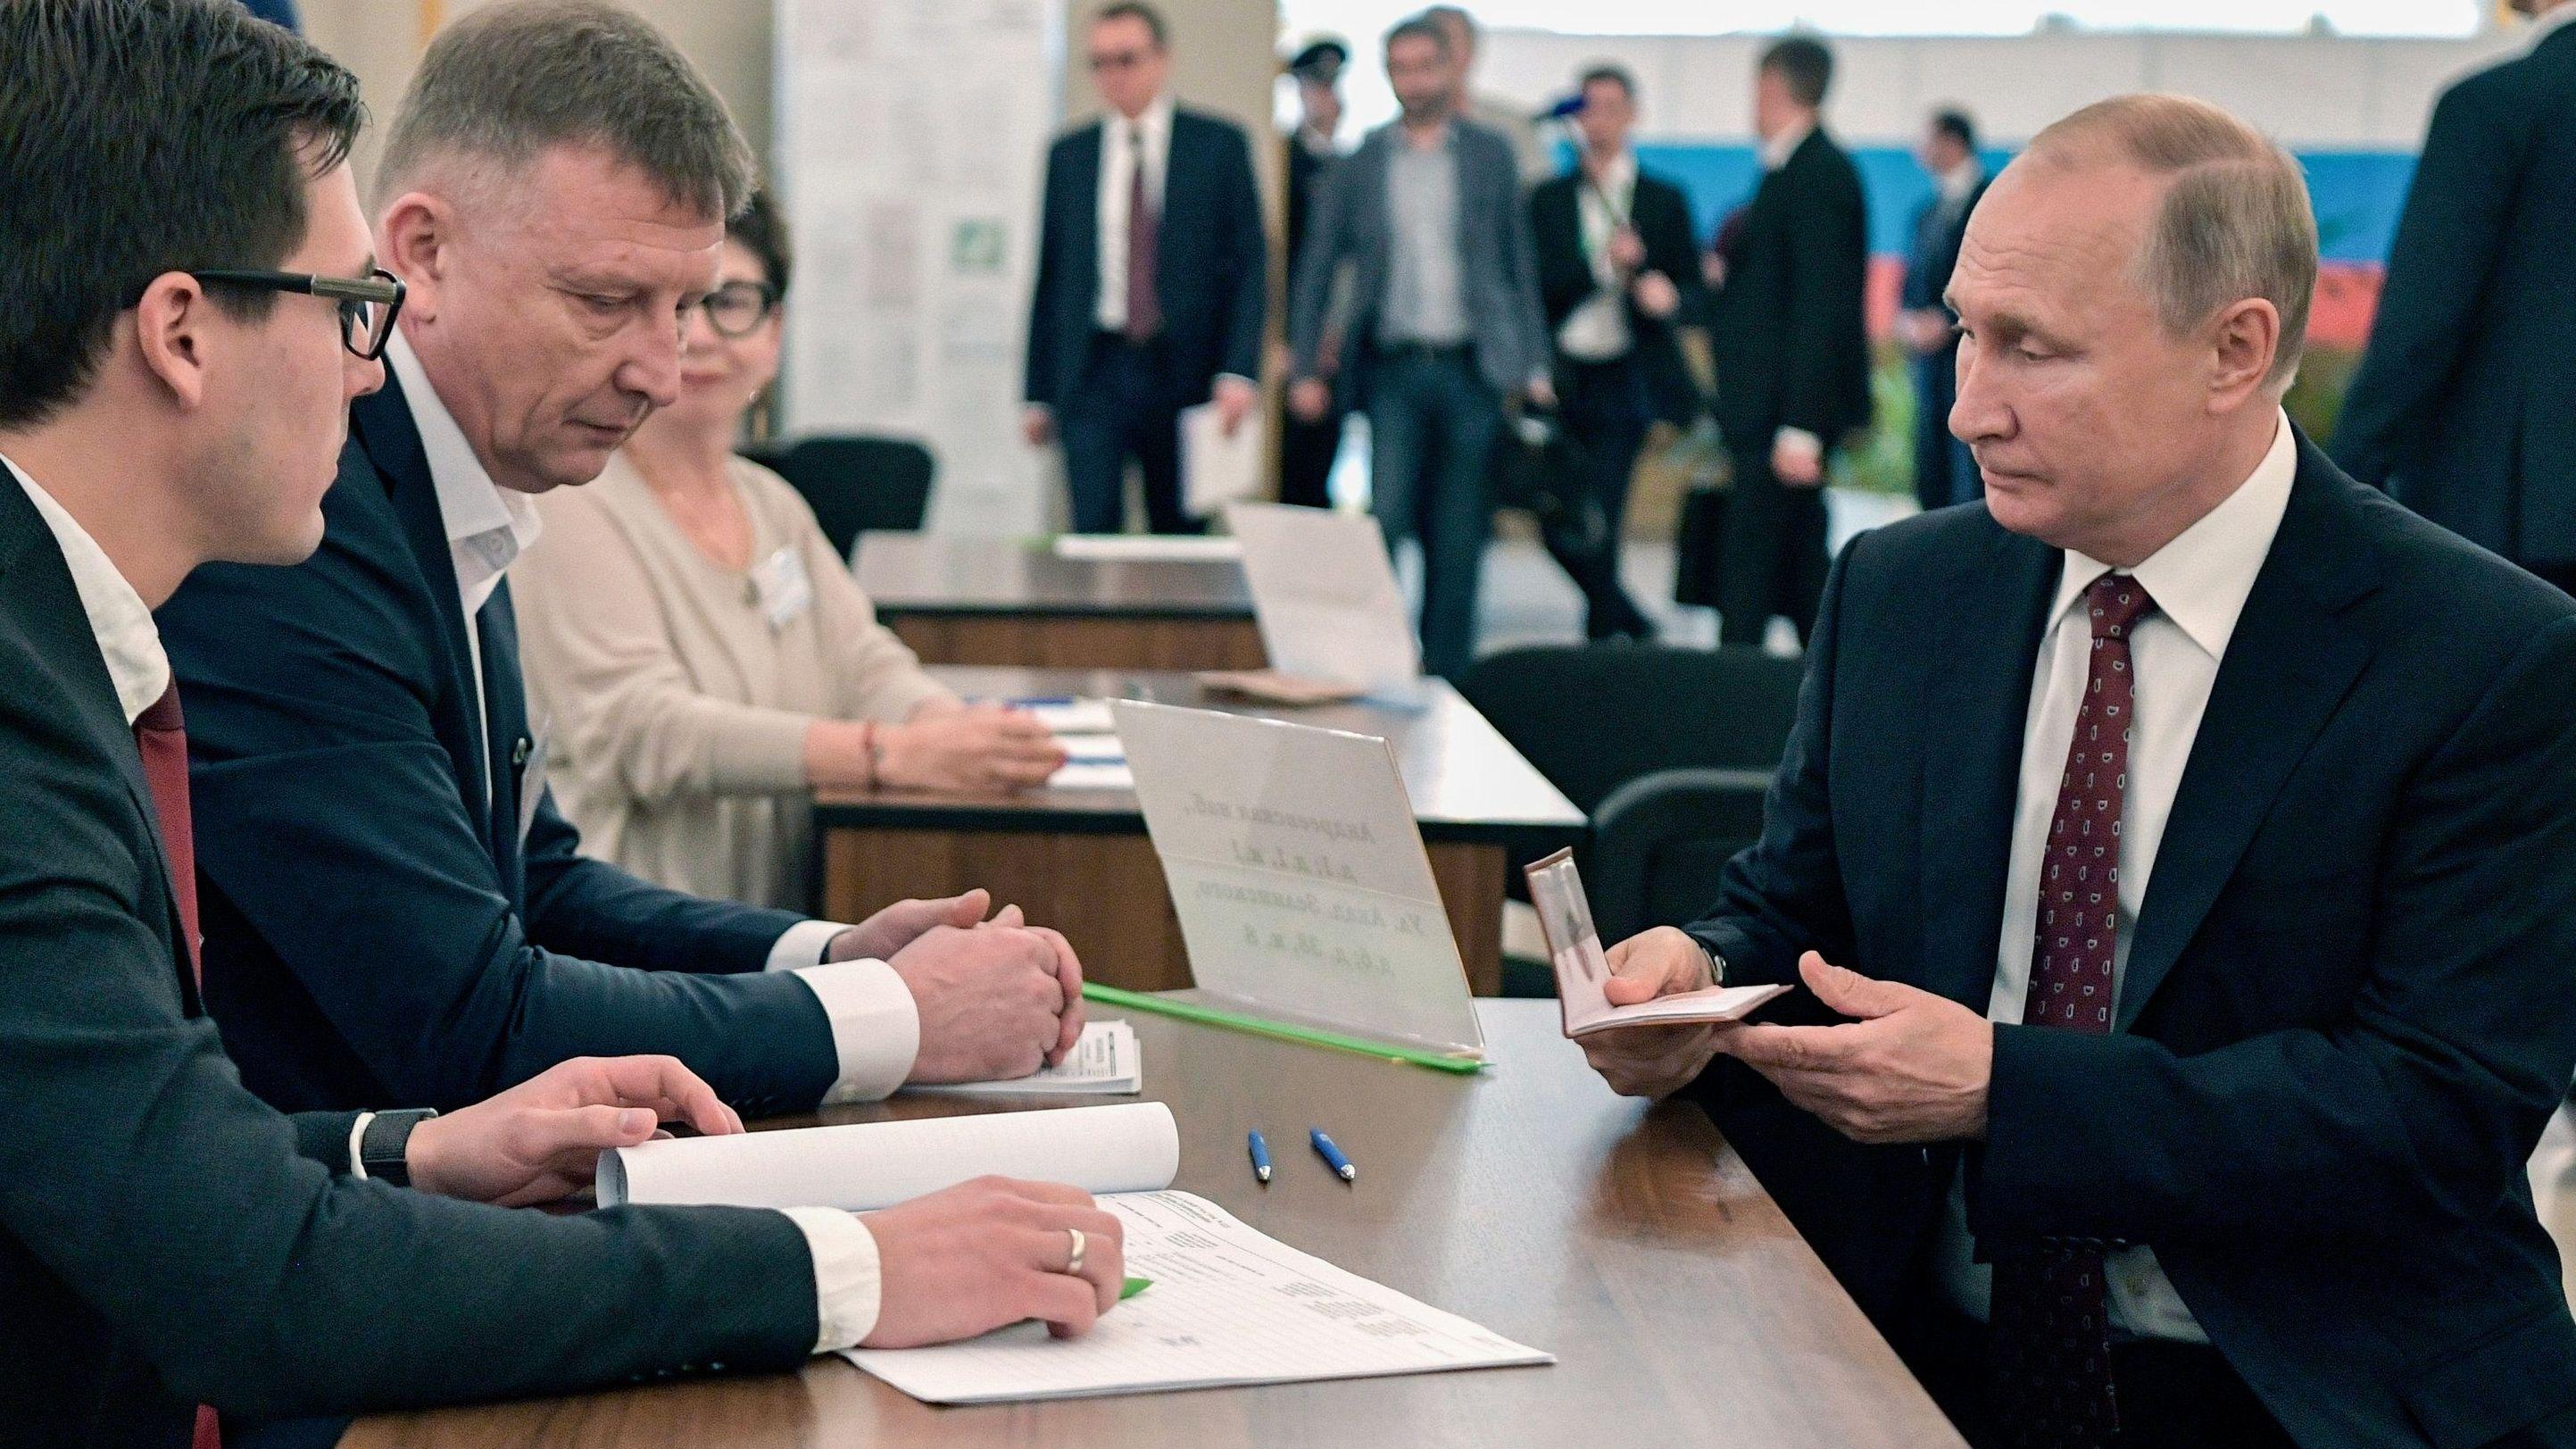 Die Wahl gilt als Stimmungstest für den russischen Präsidenten